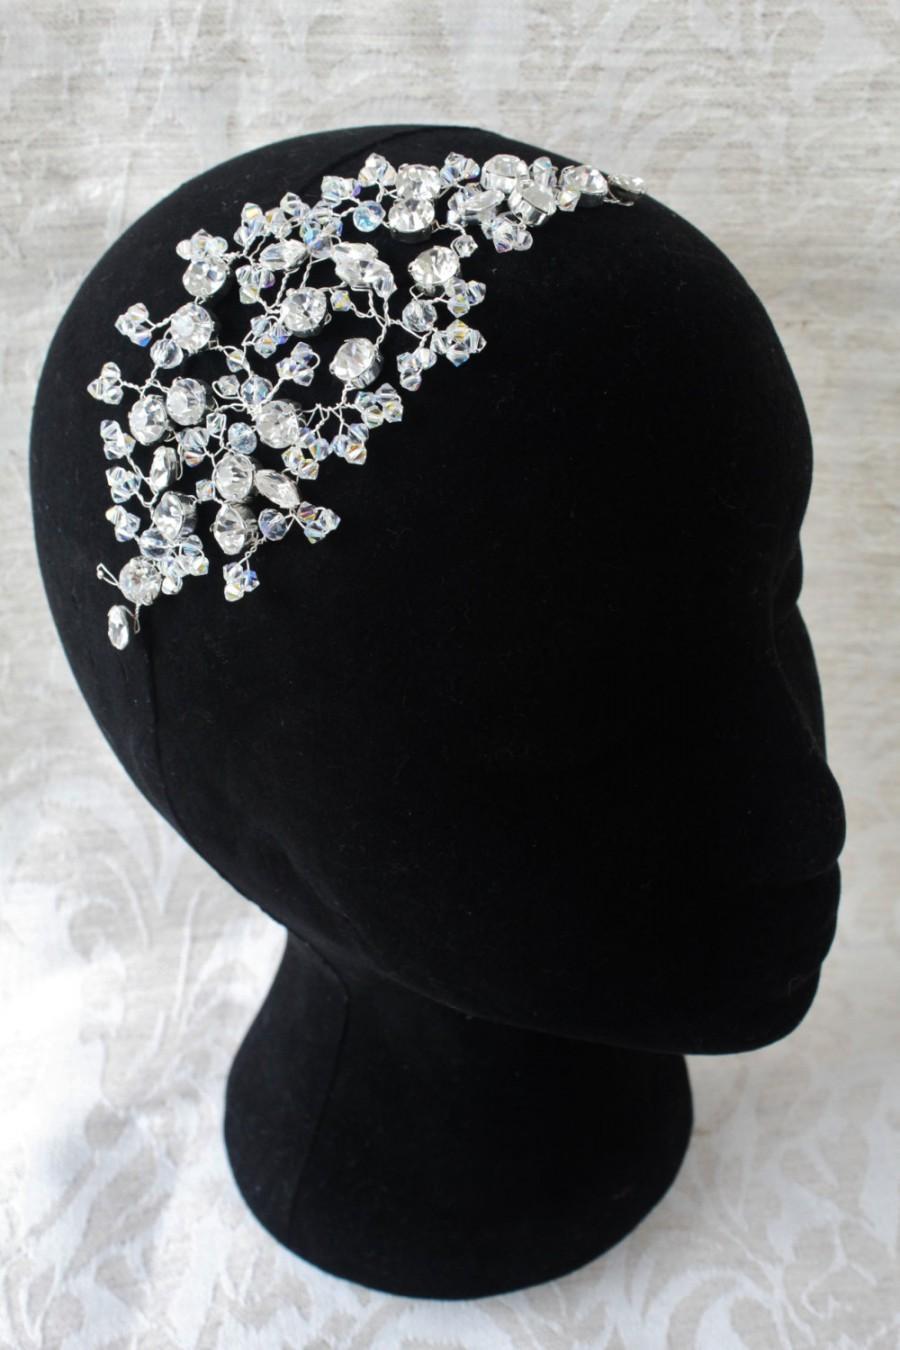 Mariage - Wedding Hair Accessories,Diamante Hair Vine,Swarovski Crystal Hair Vine,Wedding Hairpiece,Bridal Head Piece,Wedding Hair Vine,Bridal Hair